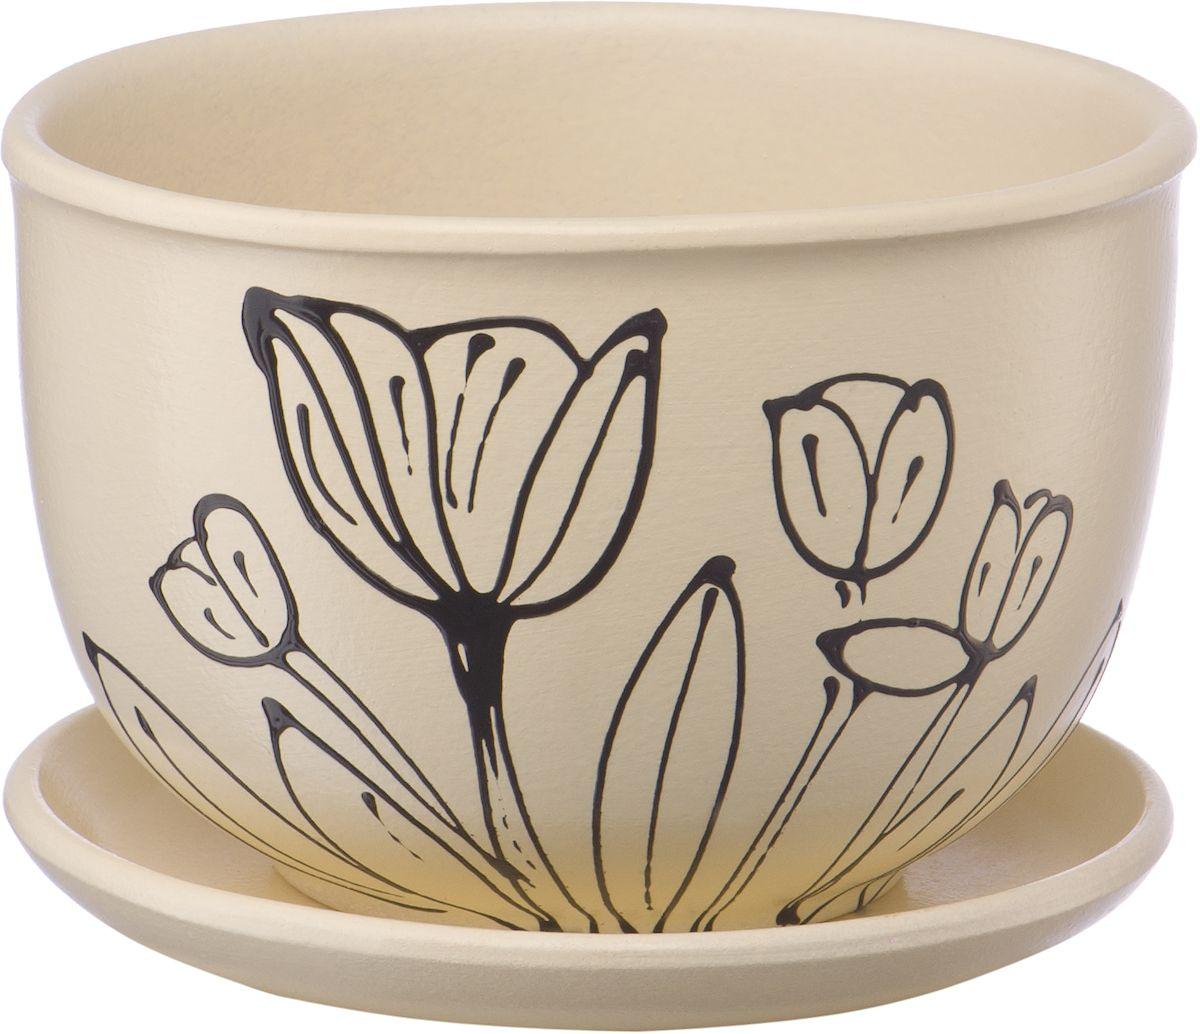 Горшок цветочный Engard, с поддоном, 0,5 л. BH-23-8531-105Керамический горшок - это идеальное решение для выращивания комнатных растений и создания изысканности в интерьере. Керамический горшок сделан из высококачественной глины в классической форме и оригинальном дизайне.